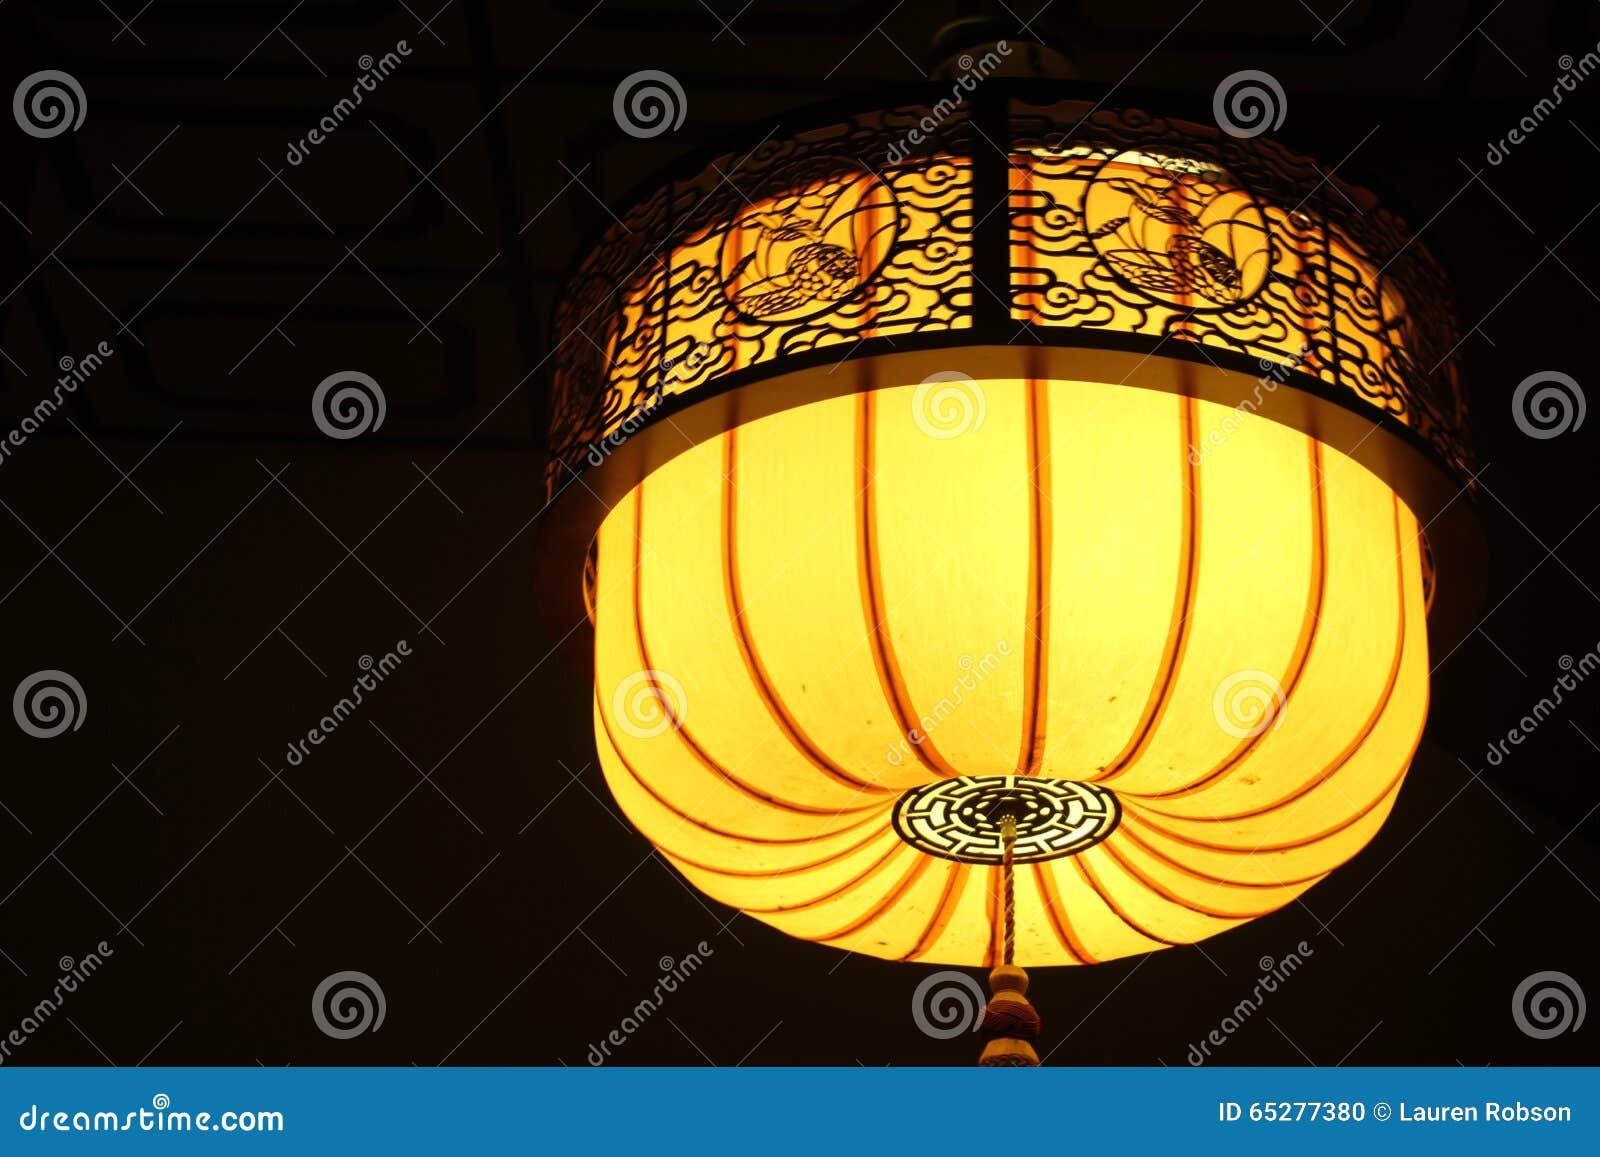 Lampen Oosterse Stijl : Gele oosterse lamp stock foto afbeelding bestaande uit stijl